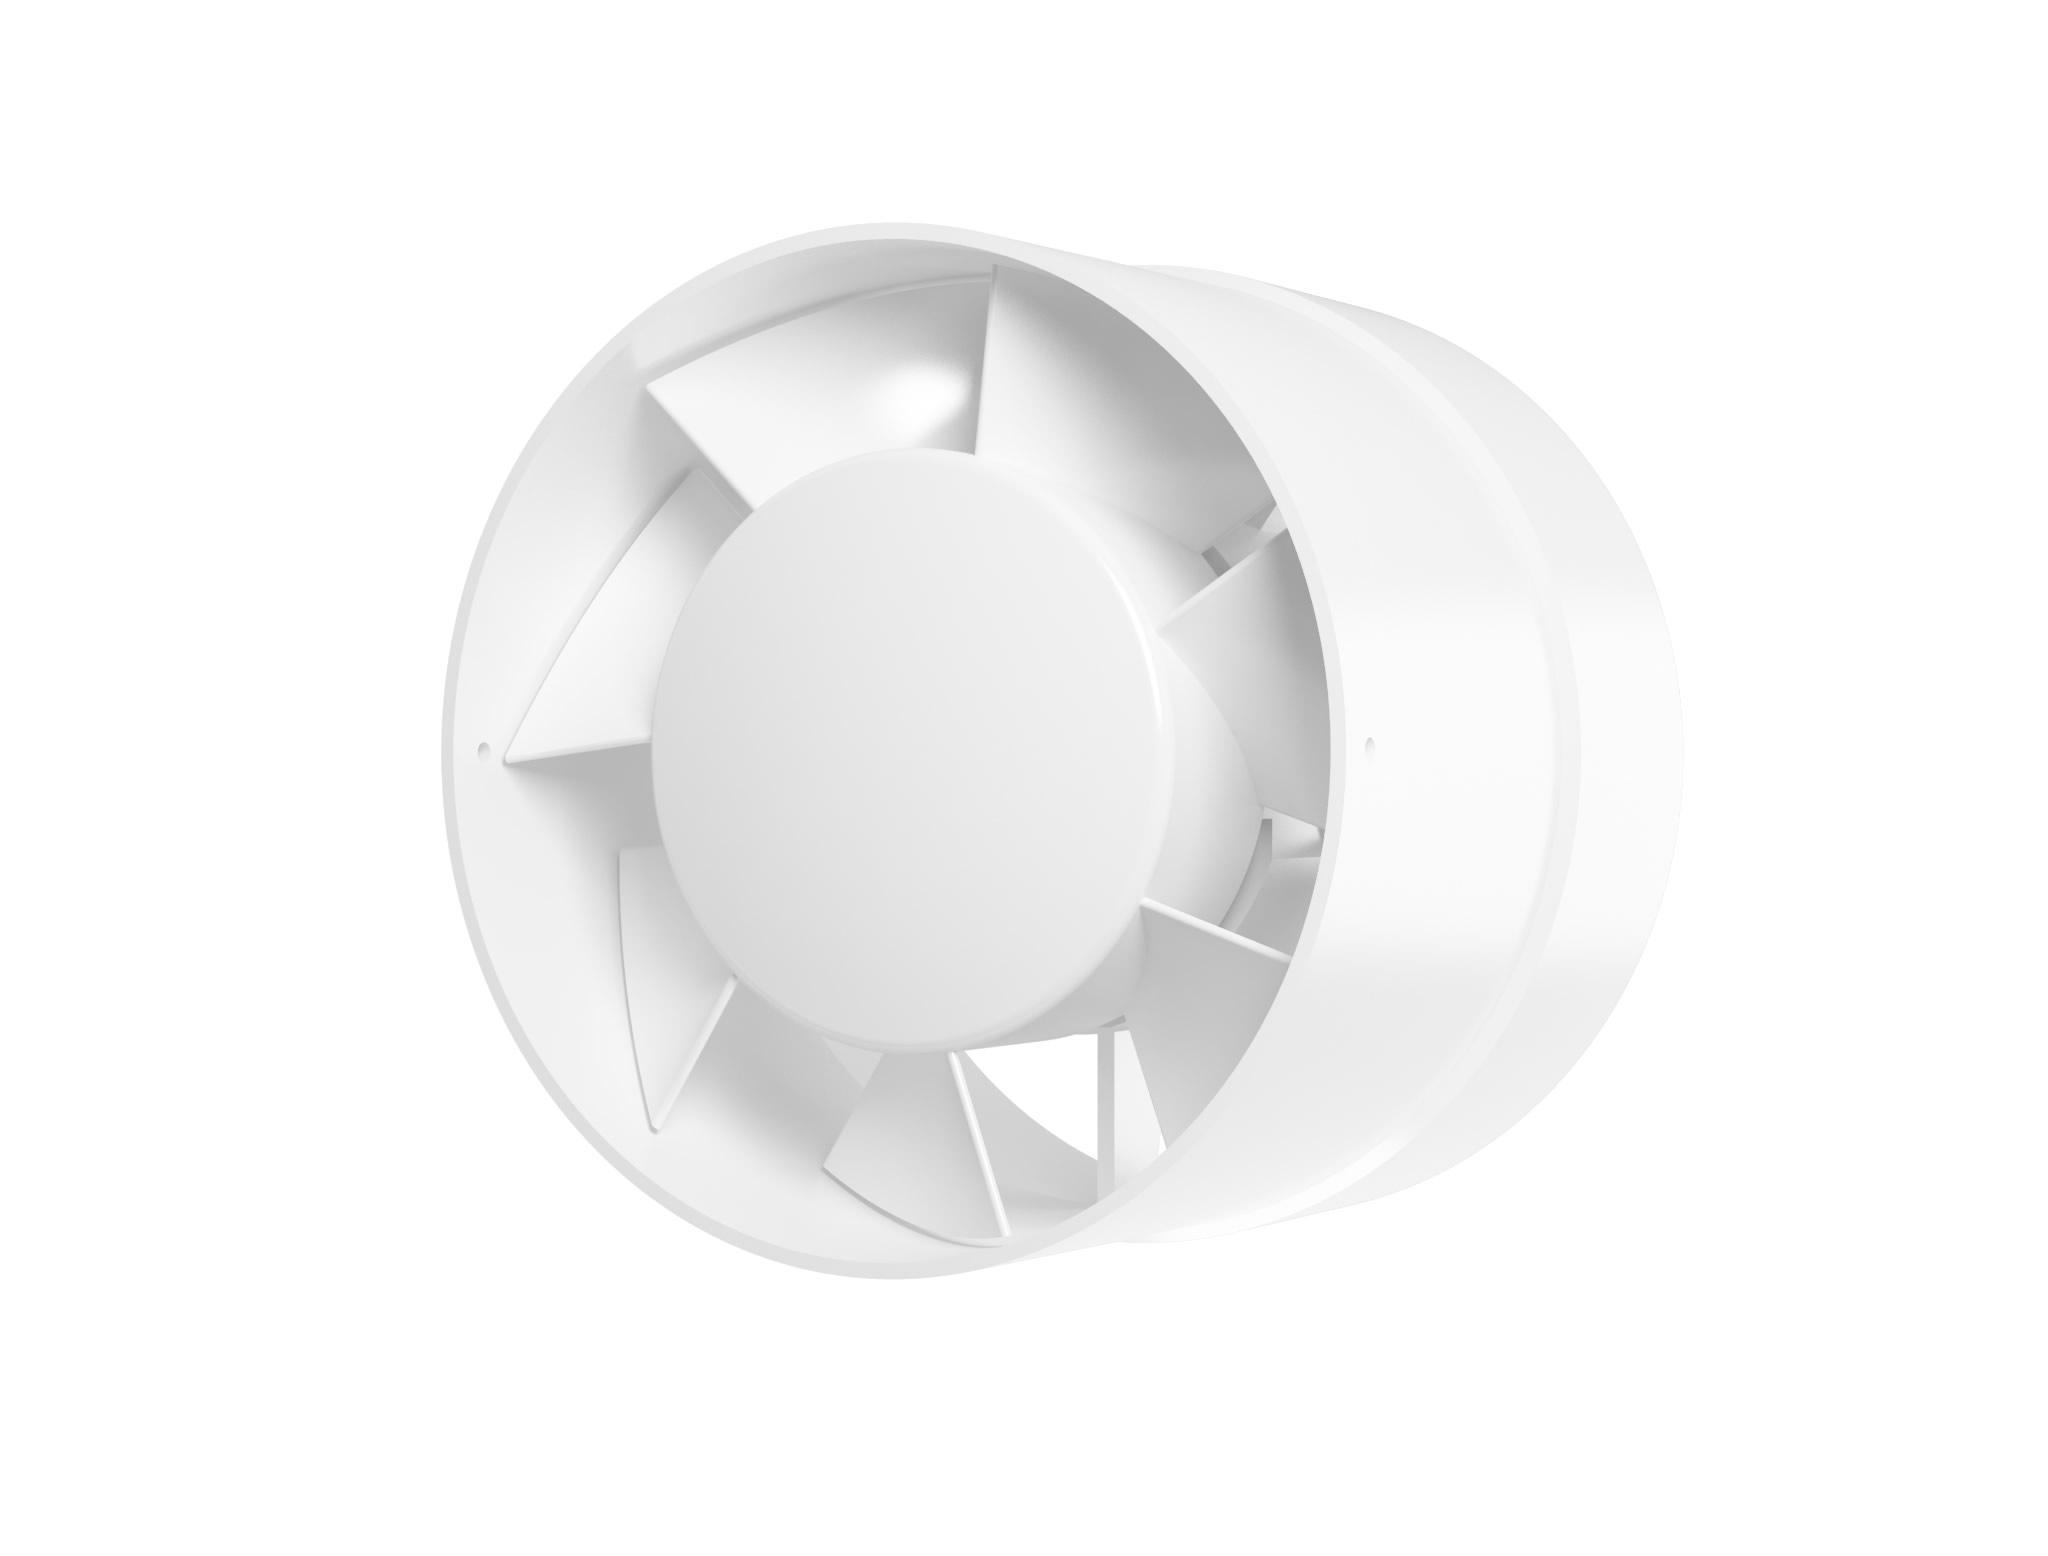 Вентилятор Auramax Vp 6 вентилятор осевой канальный вытяжной auramax d 160 vp 6